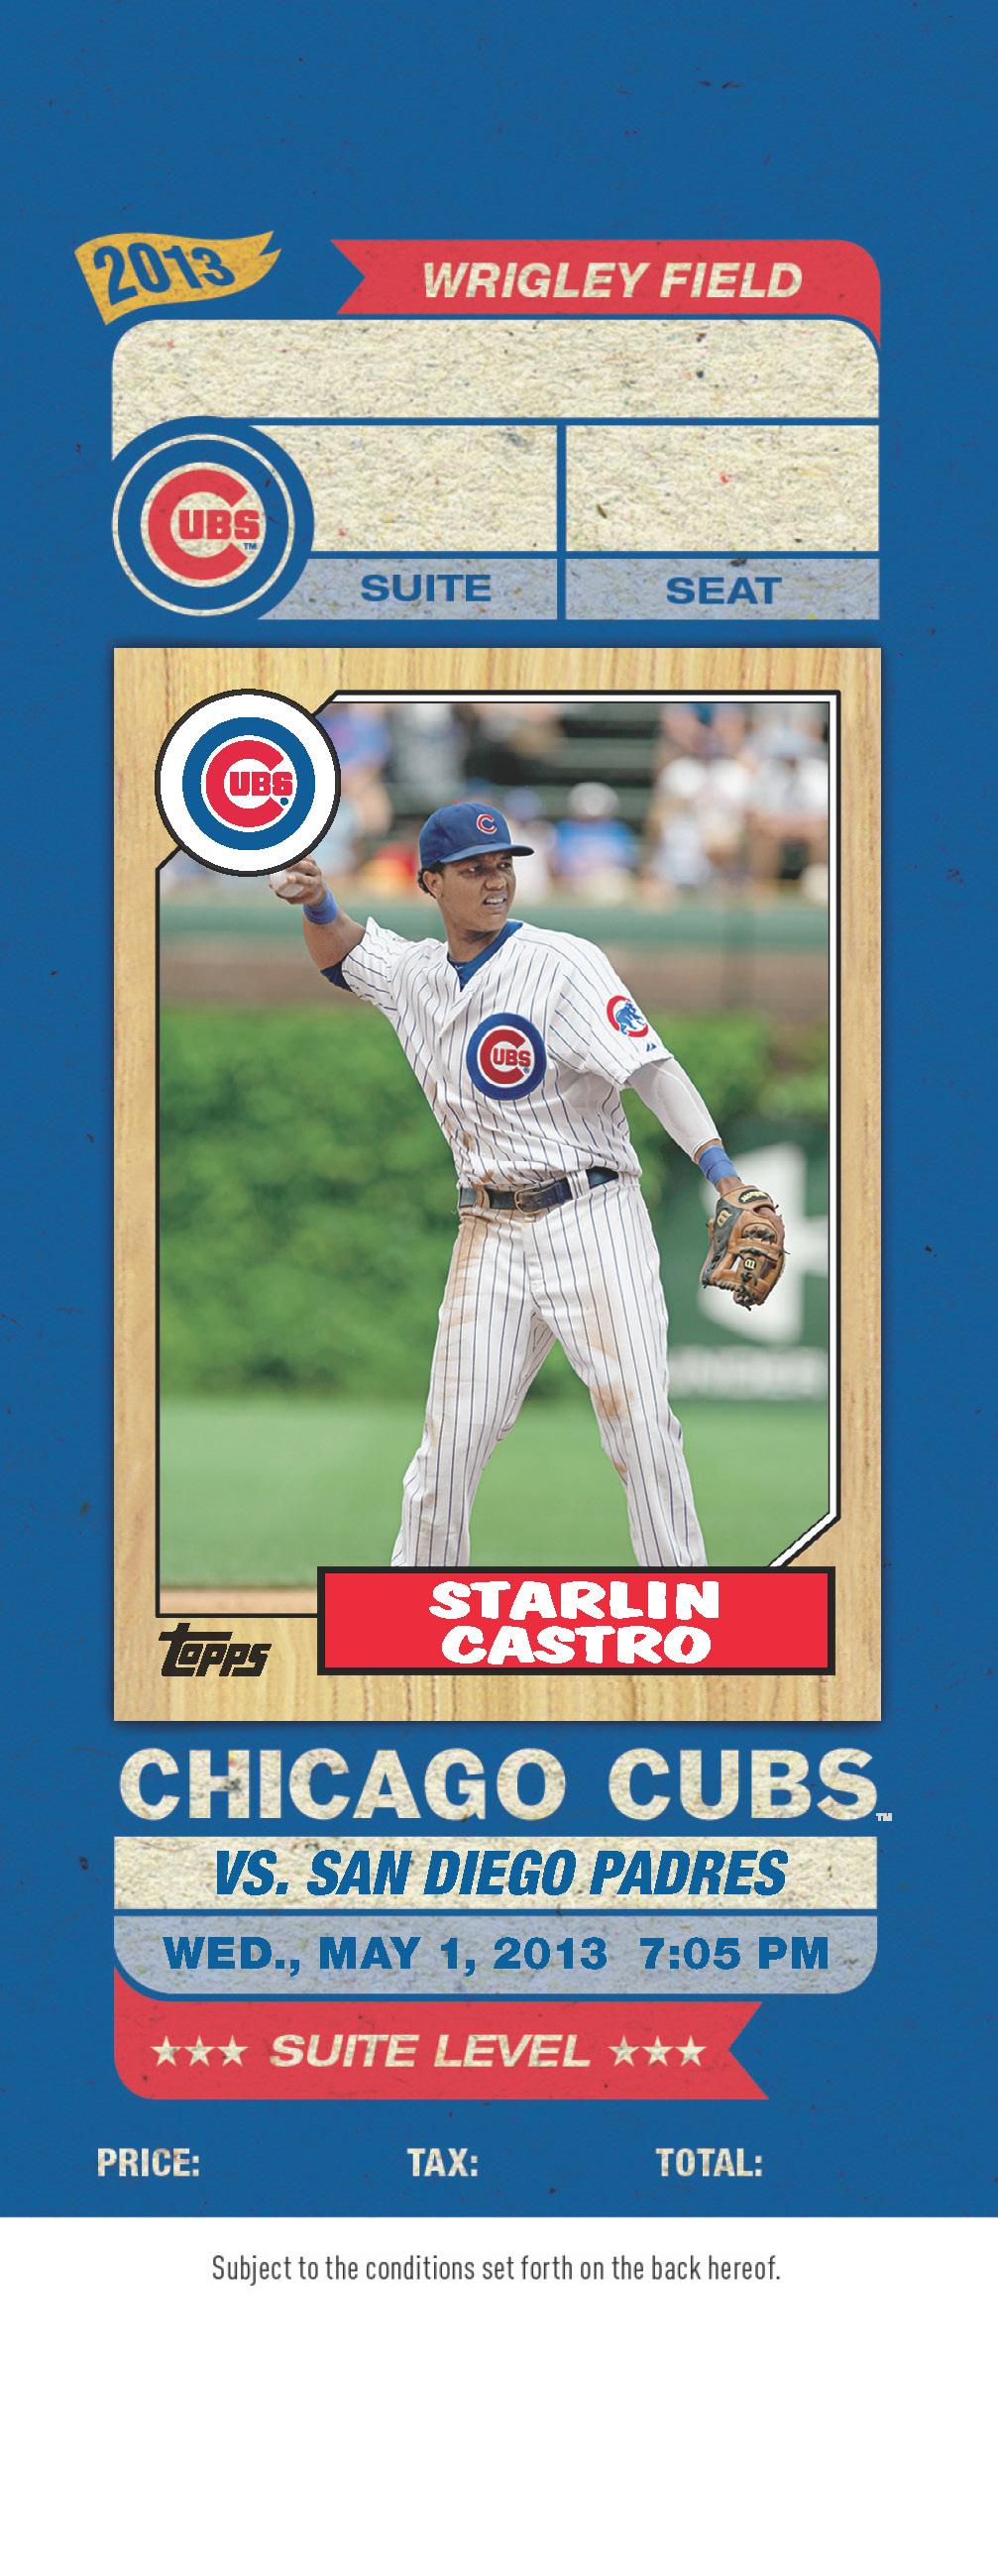 1987 Chicago Cubs season